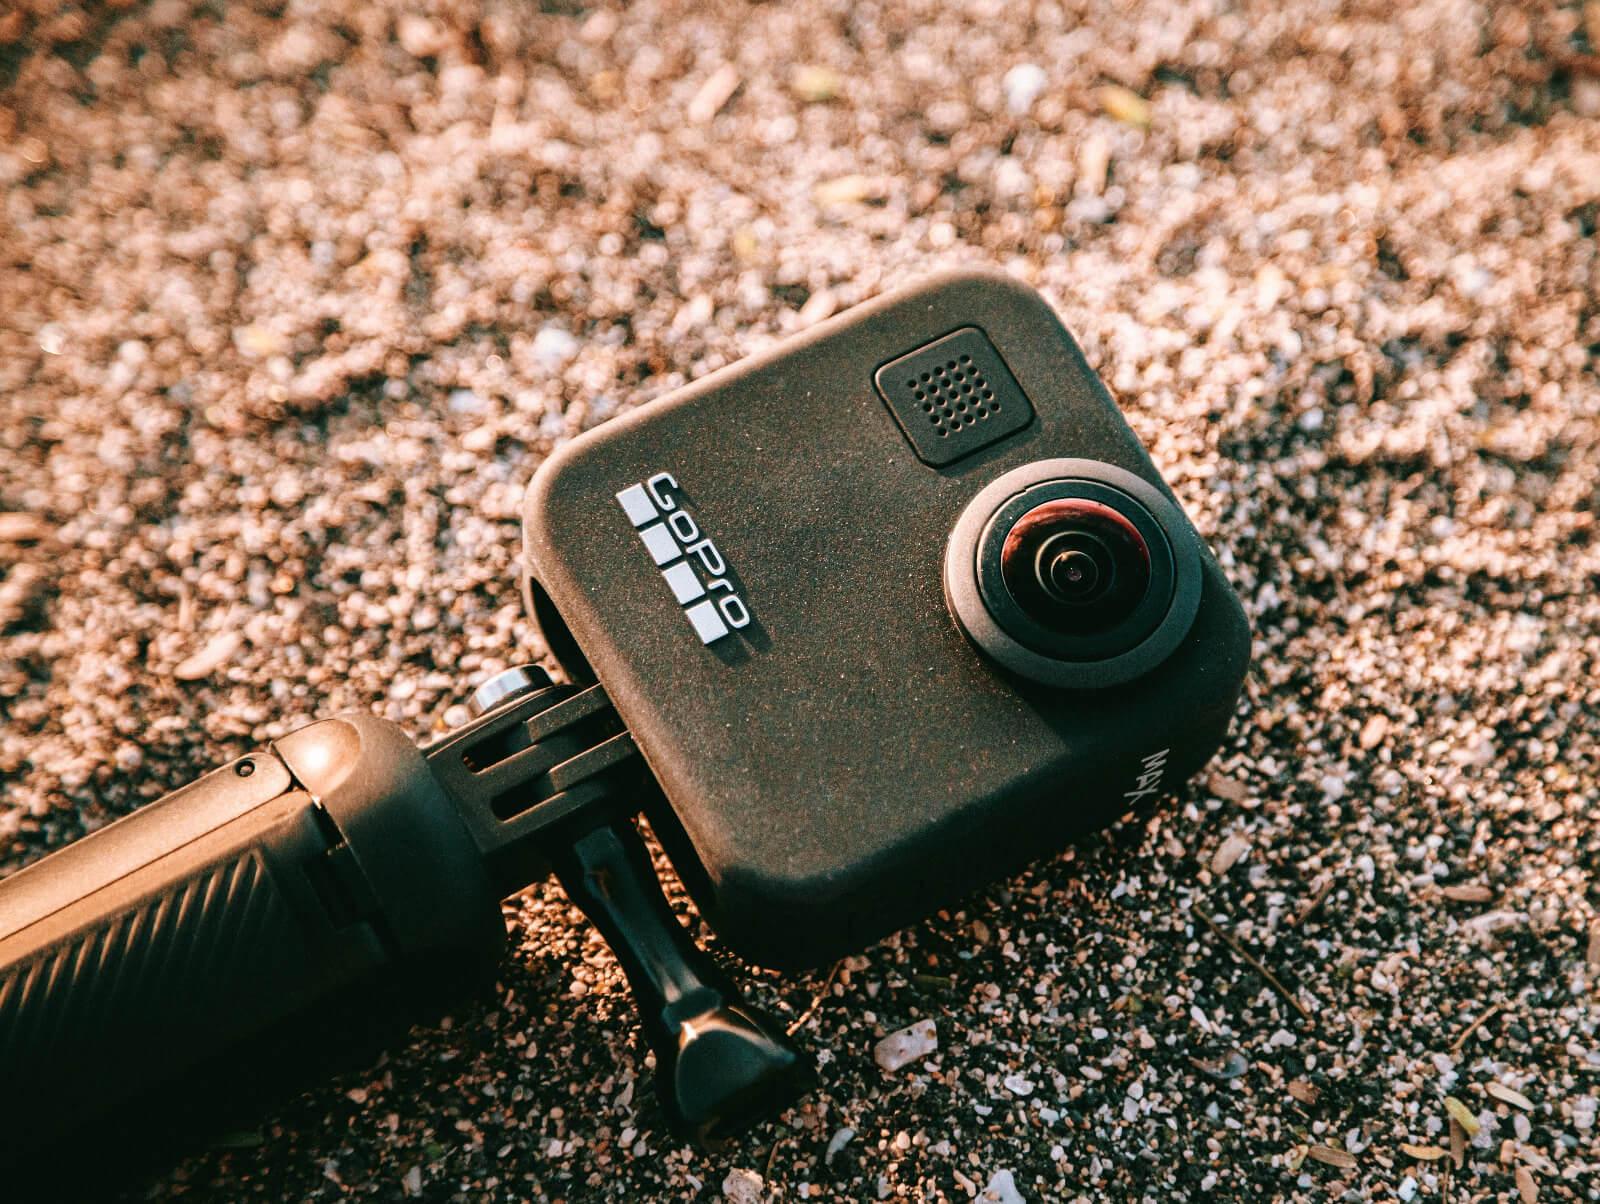 gopro camera in sand